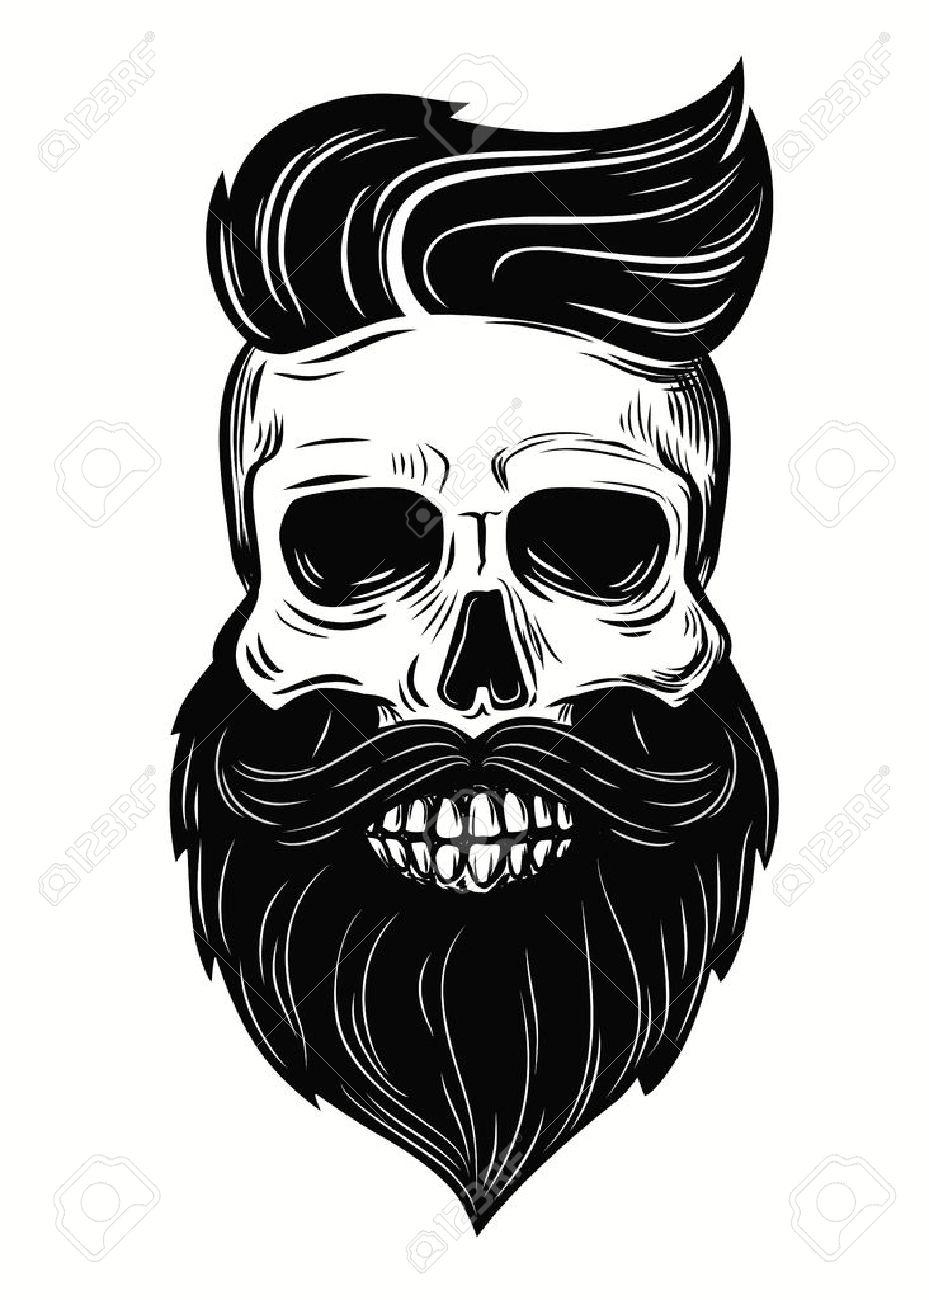 Bearded skull illustration on white background.